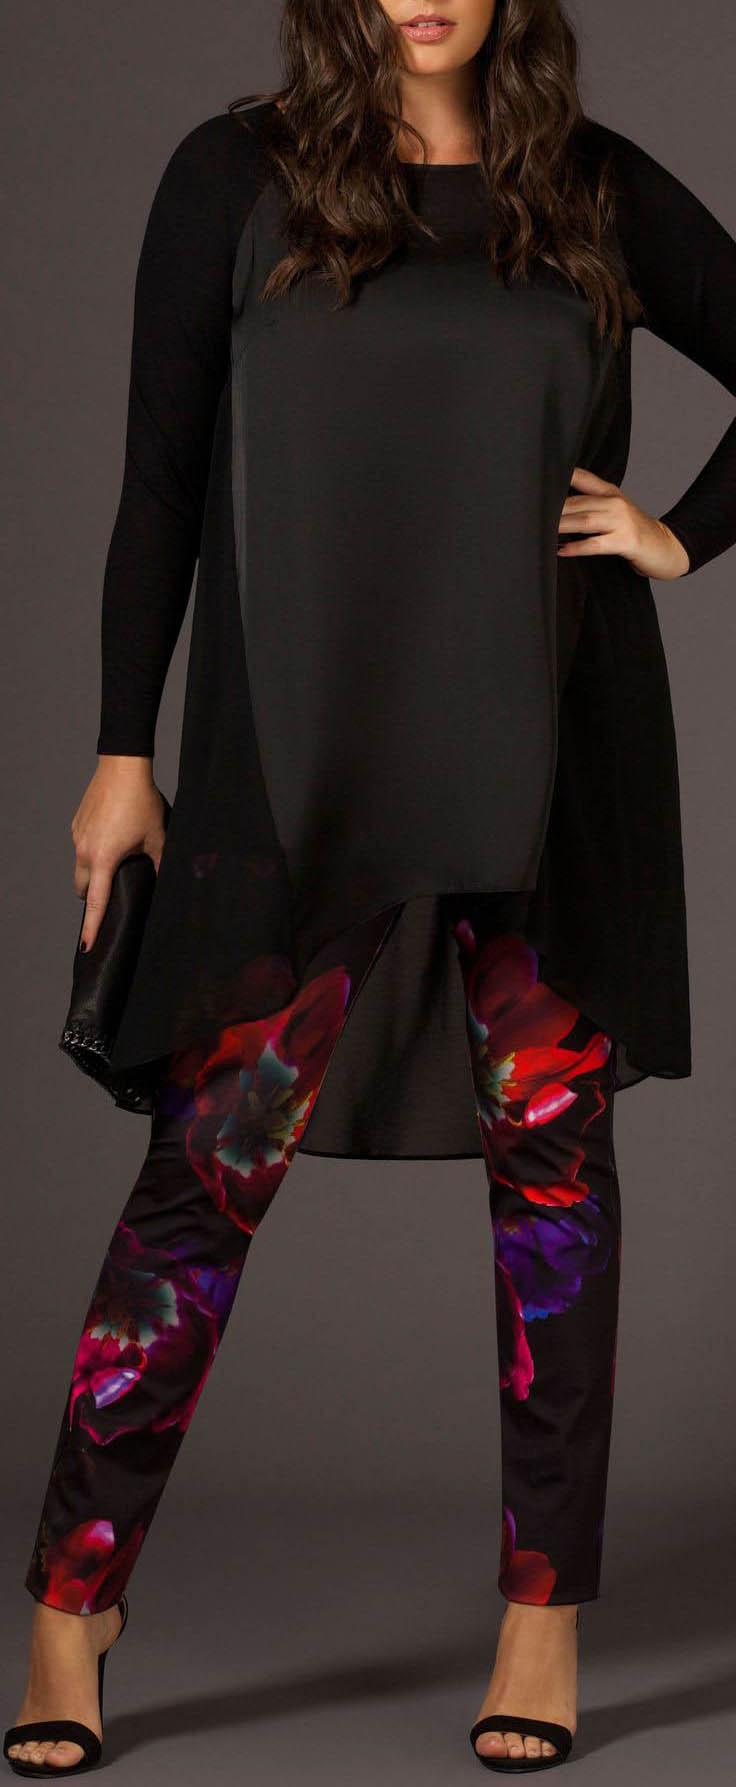 مدل تونیک زنانه سایزبزرگ